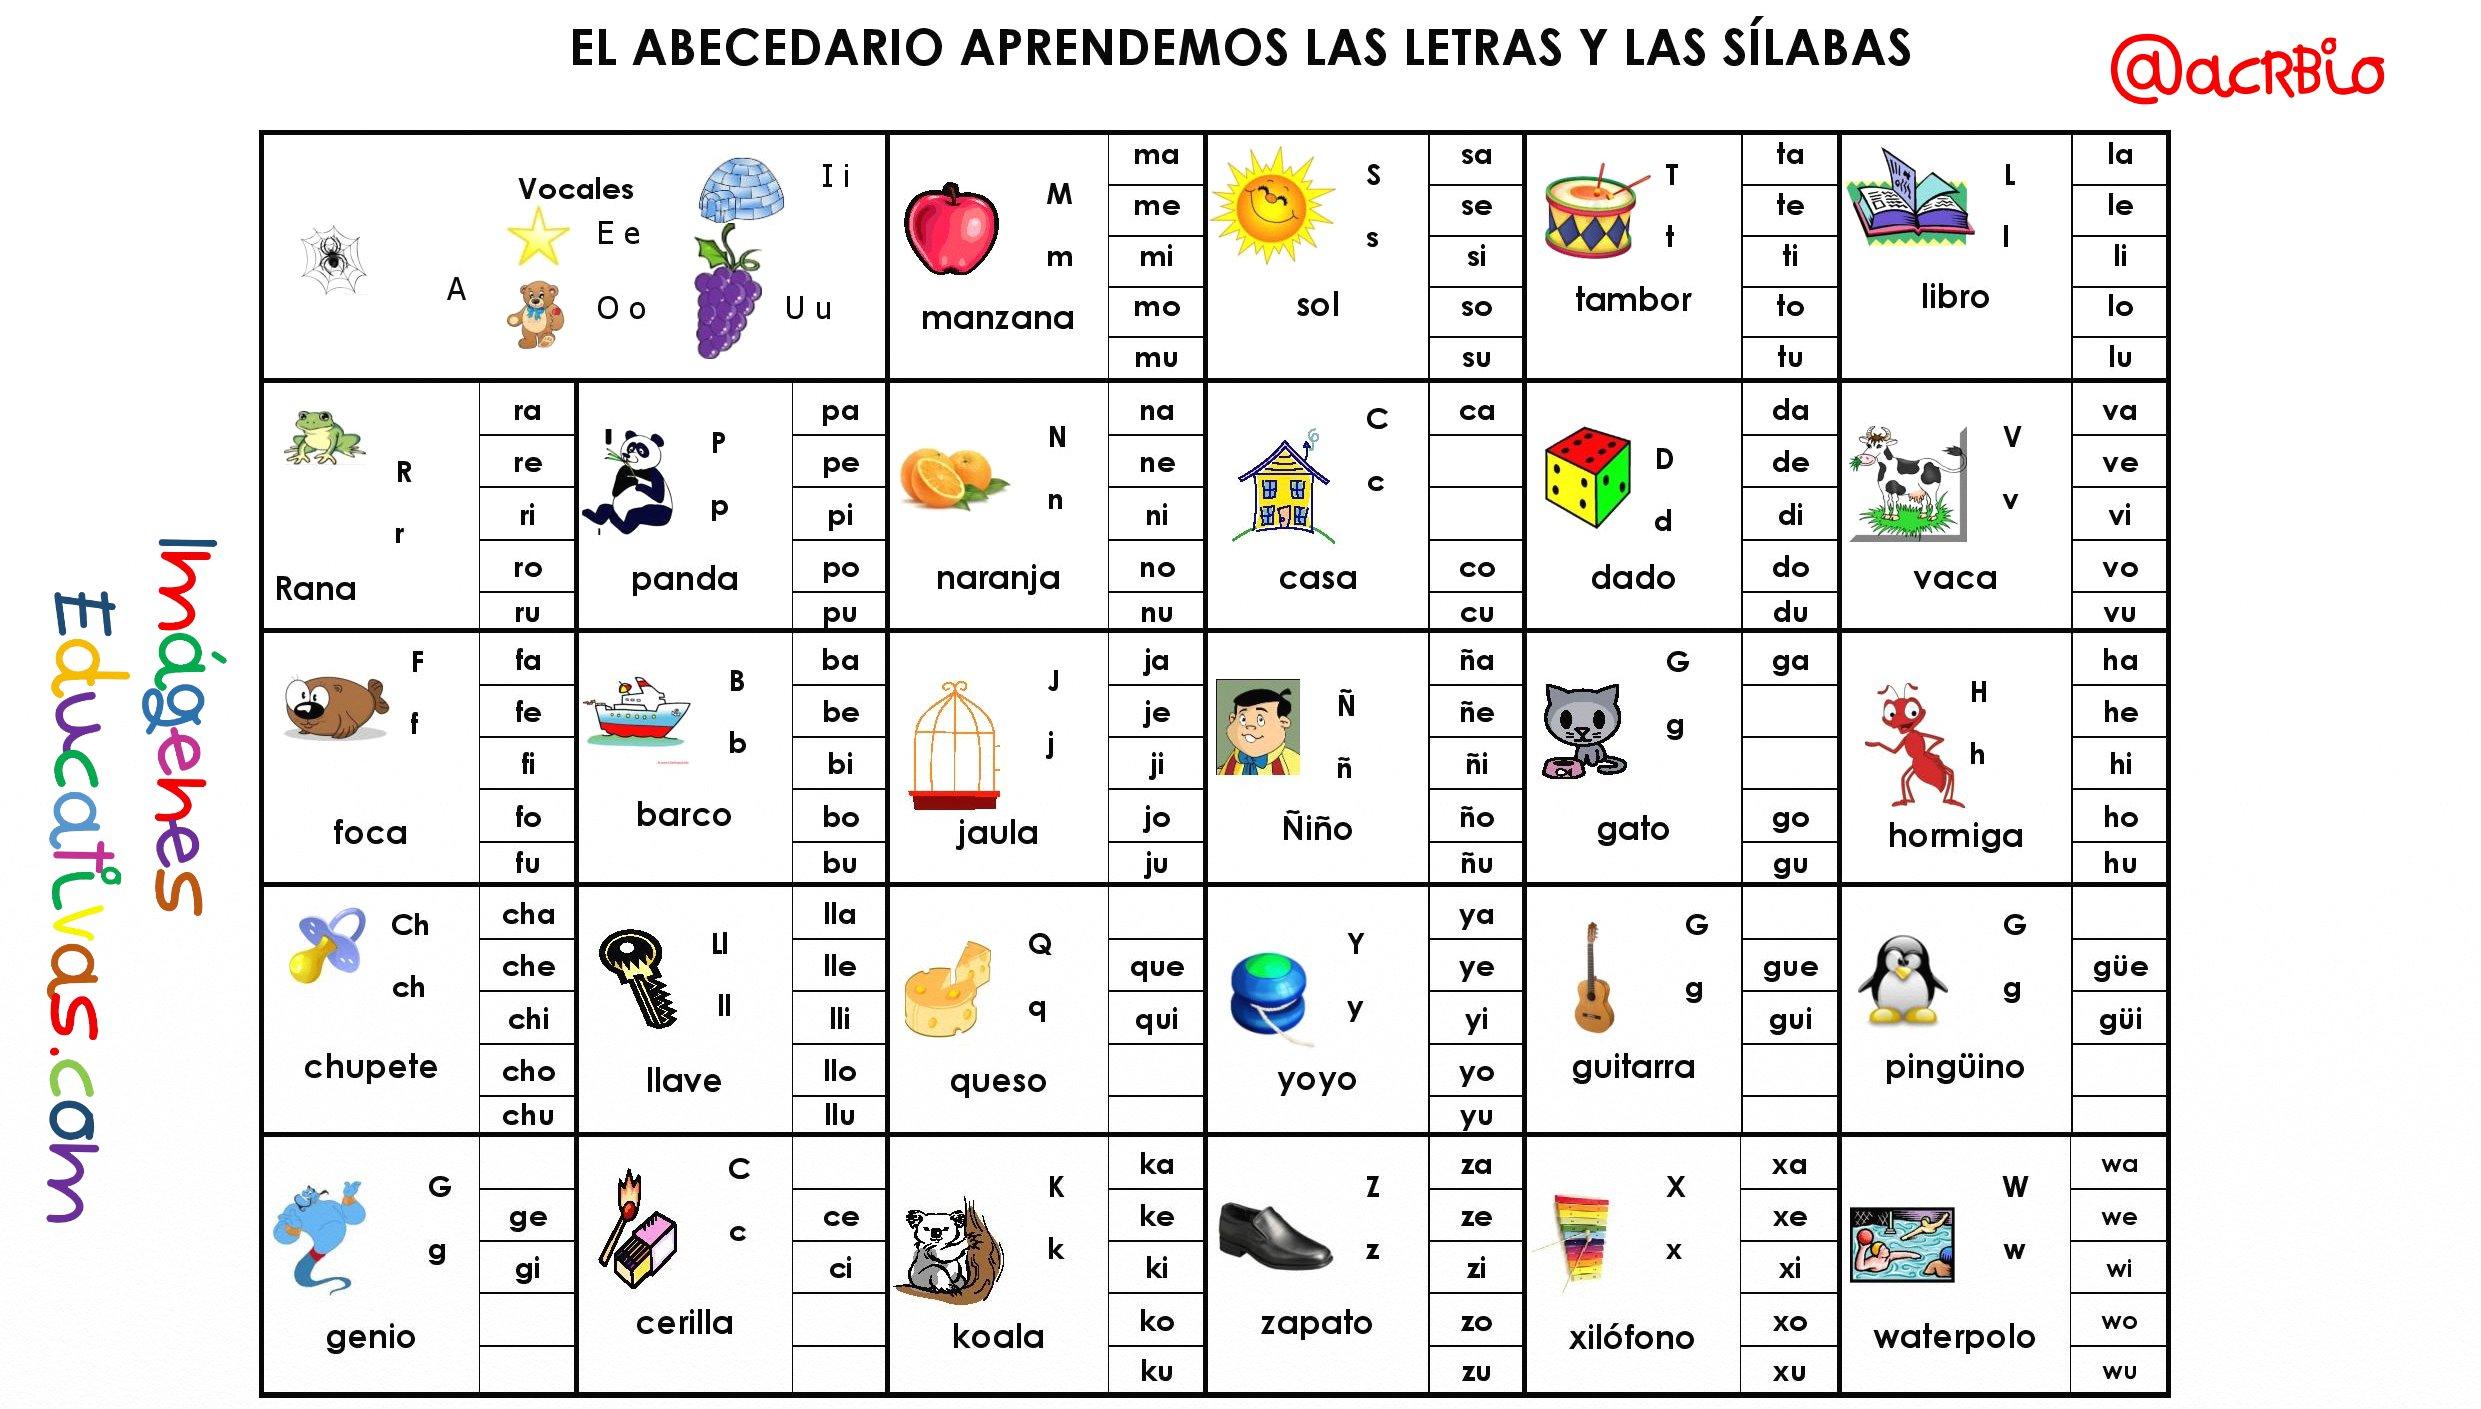 El abecedario aprendemos las las letras y las sílabas. Gran formato ...